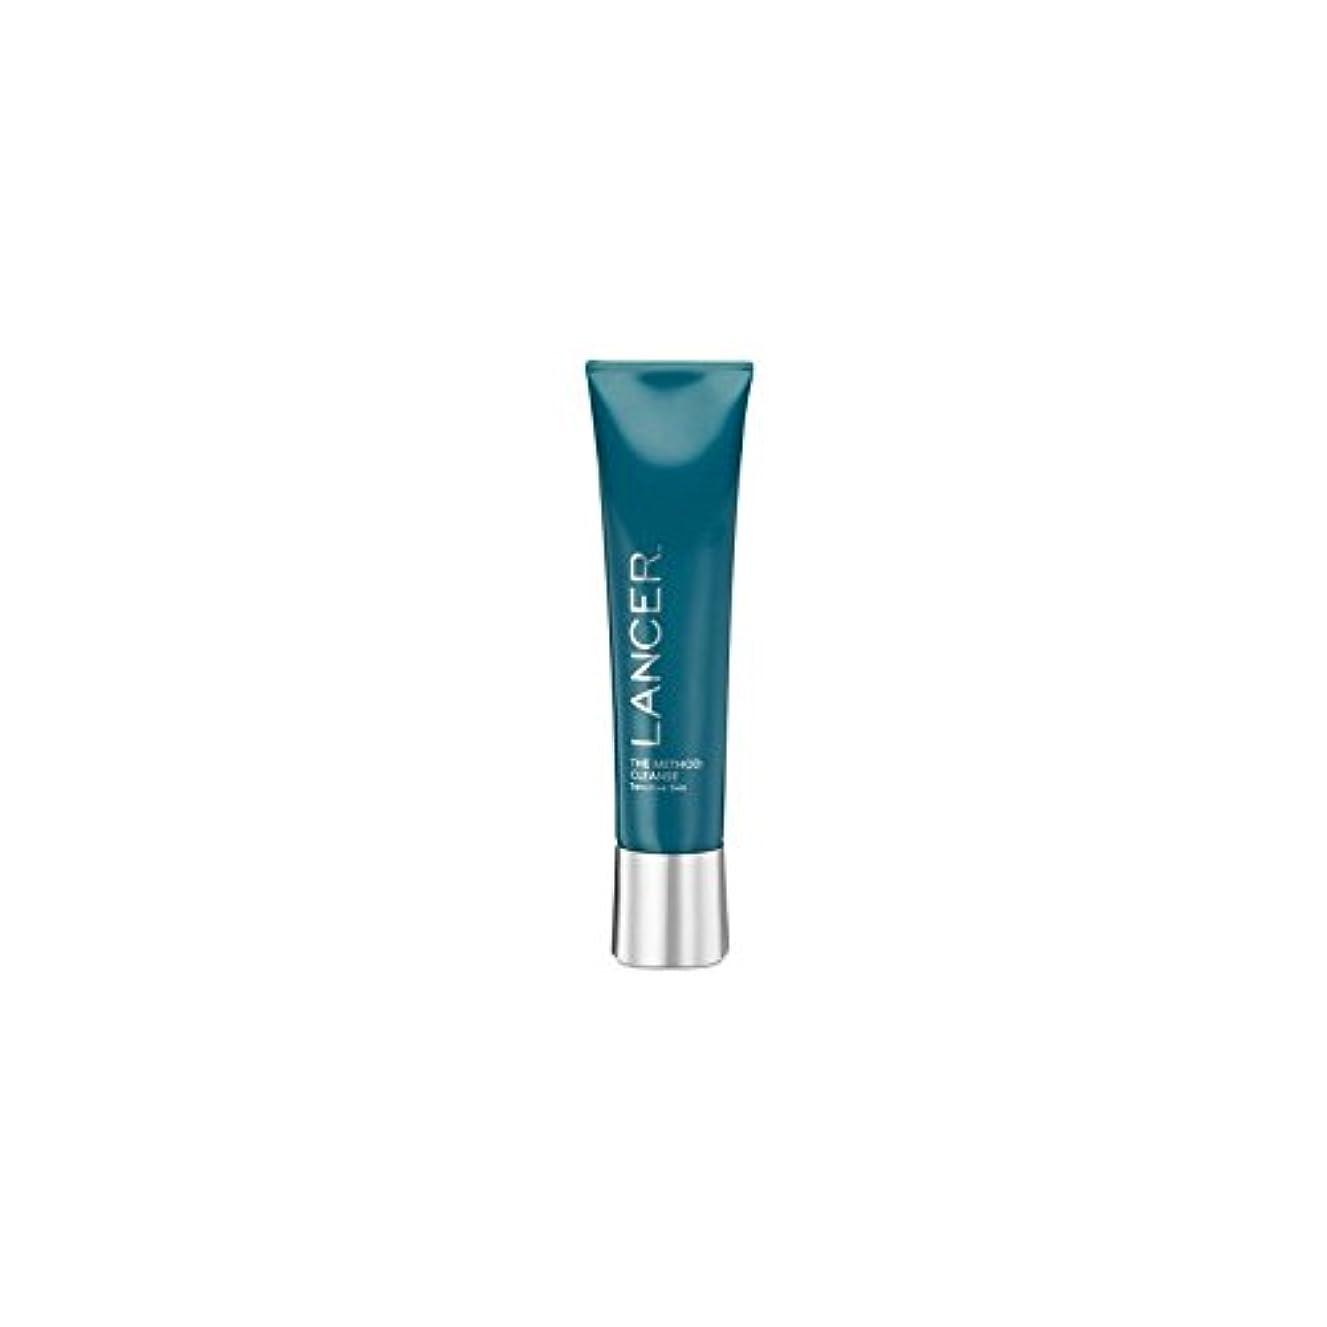 火山学者裏切り者ピアニストLancer Skincare The Method: Cleanser Sensitive Skin (120ml) - クレンザー敏感肌(120ミリリットル):ランサーは、メソッドをスキンケア [並行輸入品]